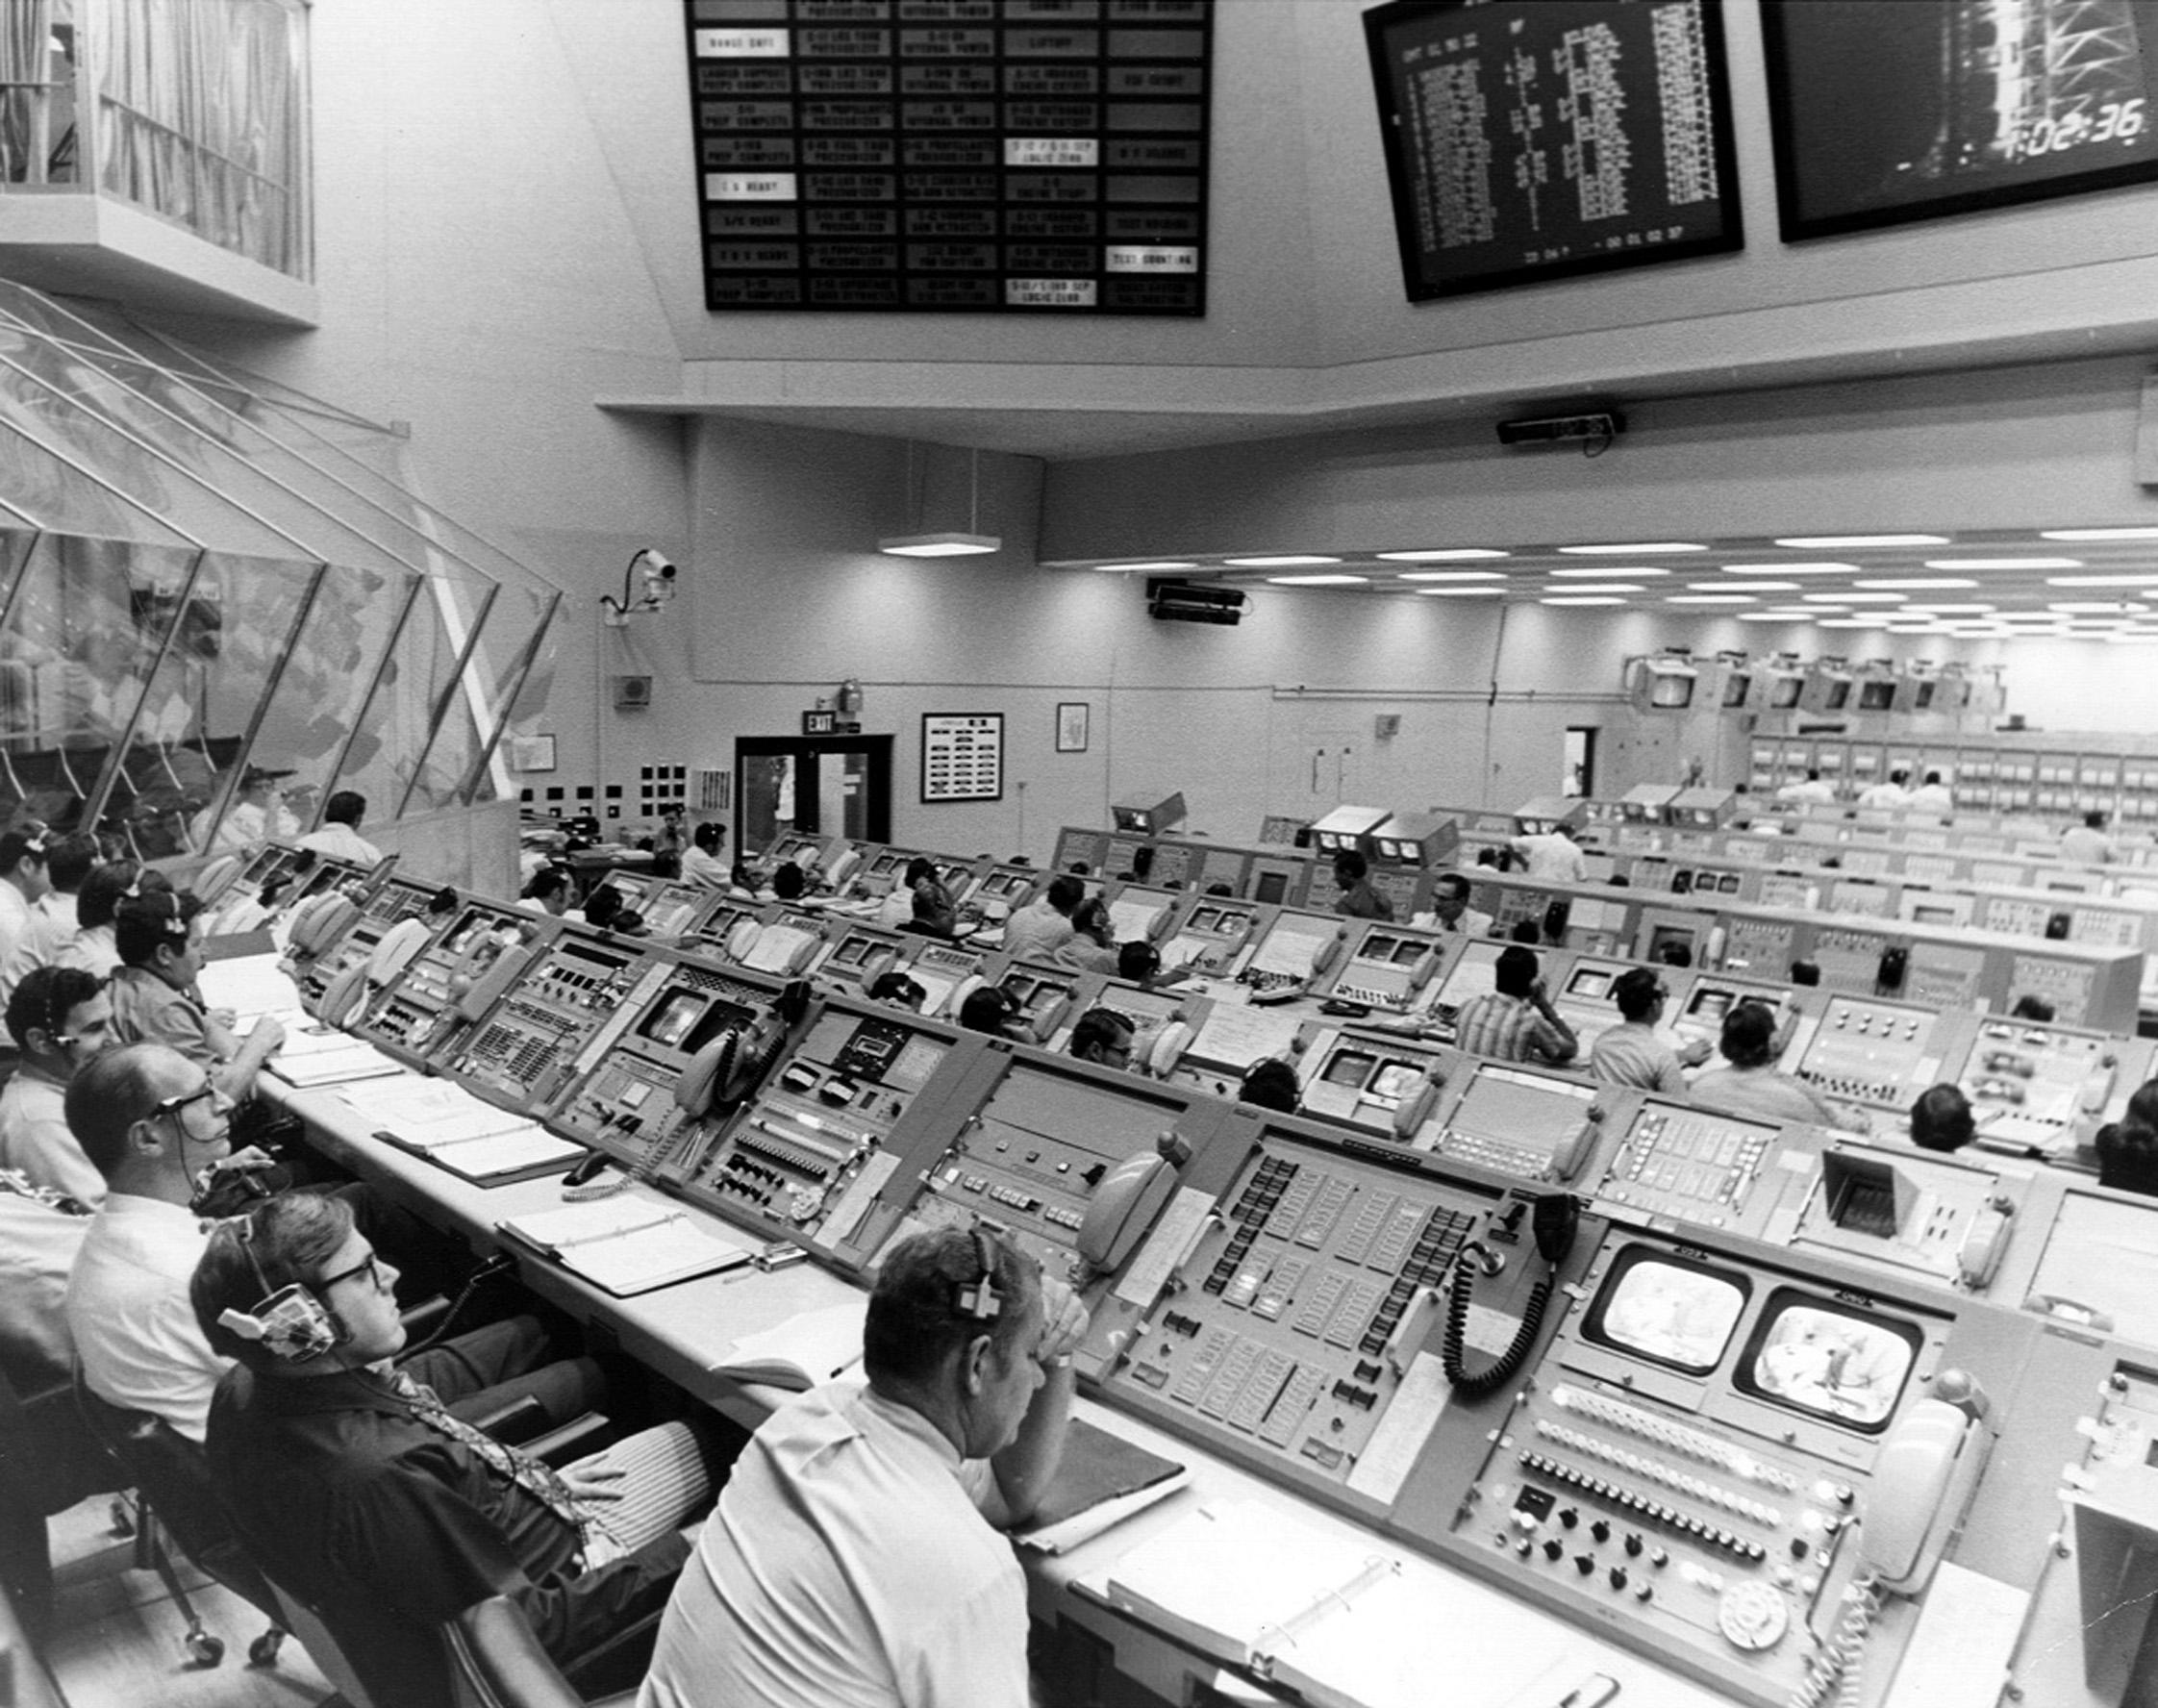 Launch Control Center Tour